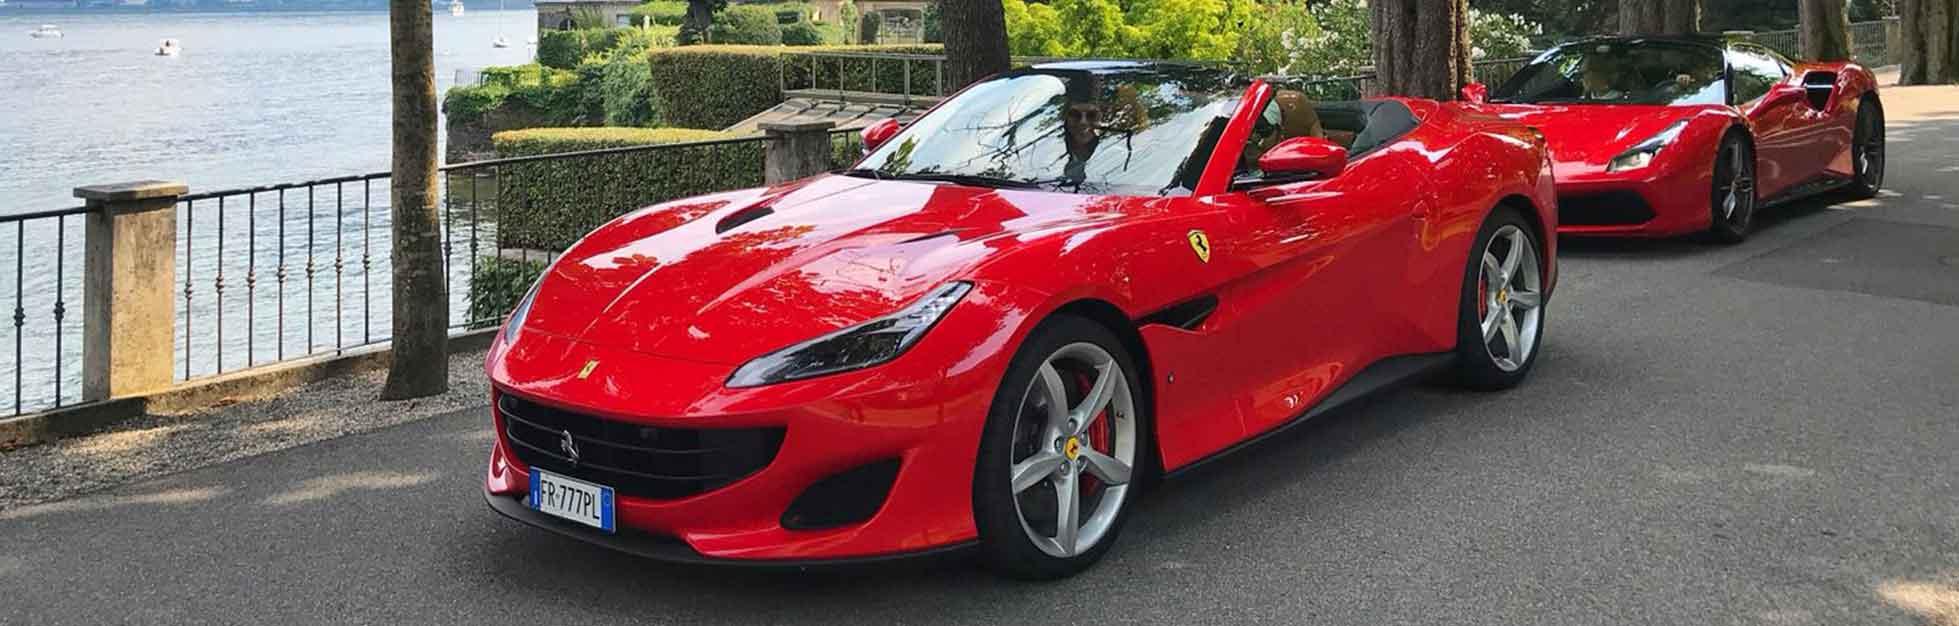 Ferrari rijden in Italie